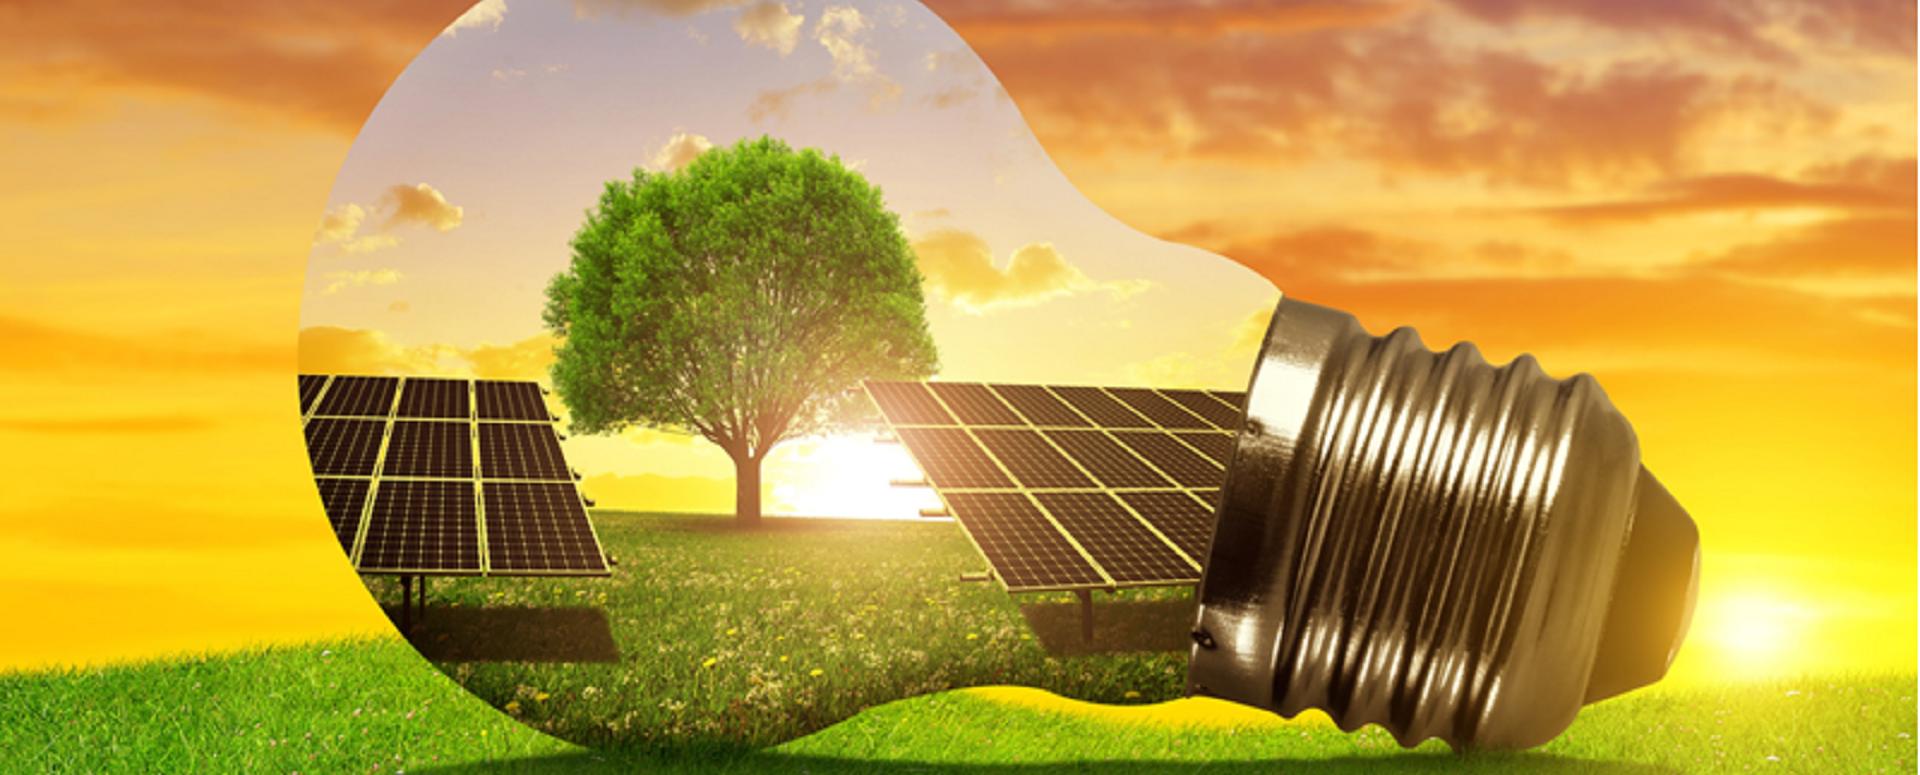 Come performano le imprese più attente alle questioni ambientali?